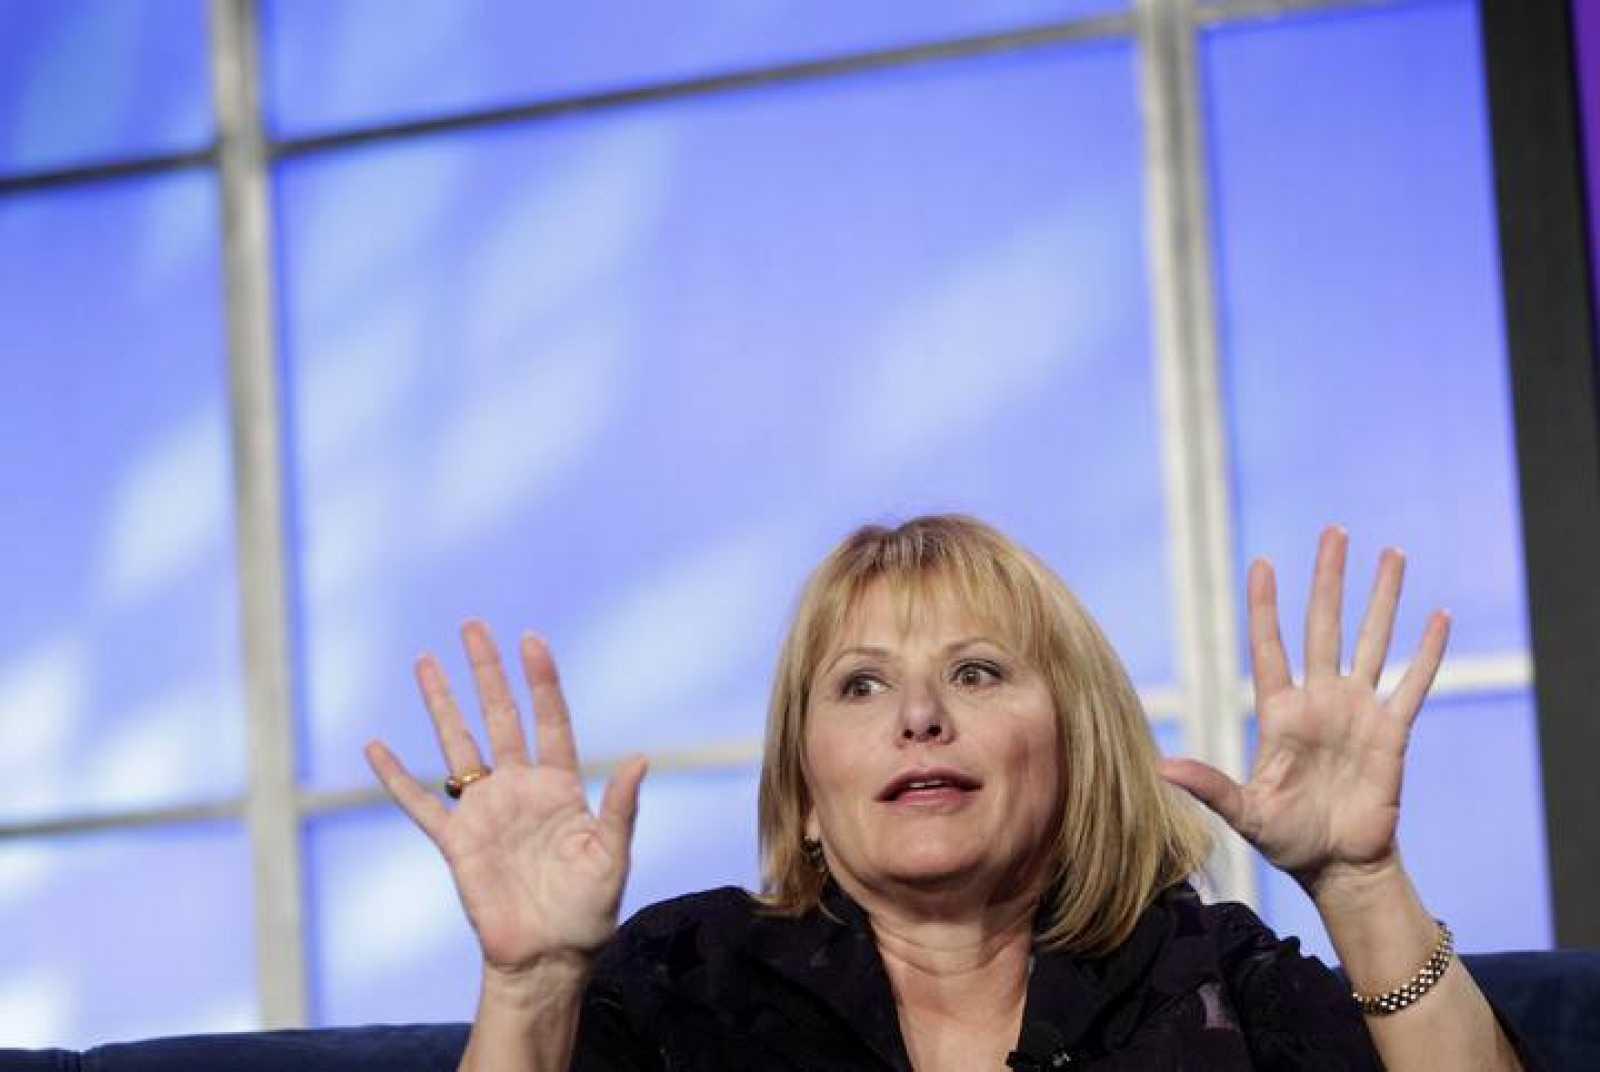 La consejera delegada de Yahoo, Carol Bartz, durante una conferencia en 2010 en California. Ha sido despedida recientemente por el presidente del consejo de administración debido al «estancamiento» de la compañía.